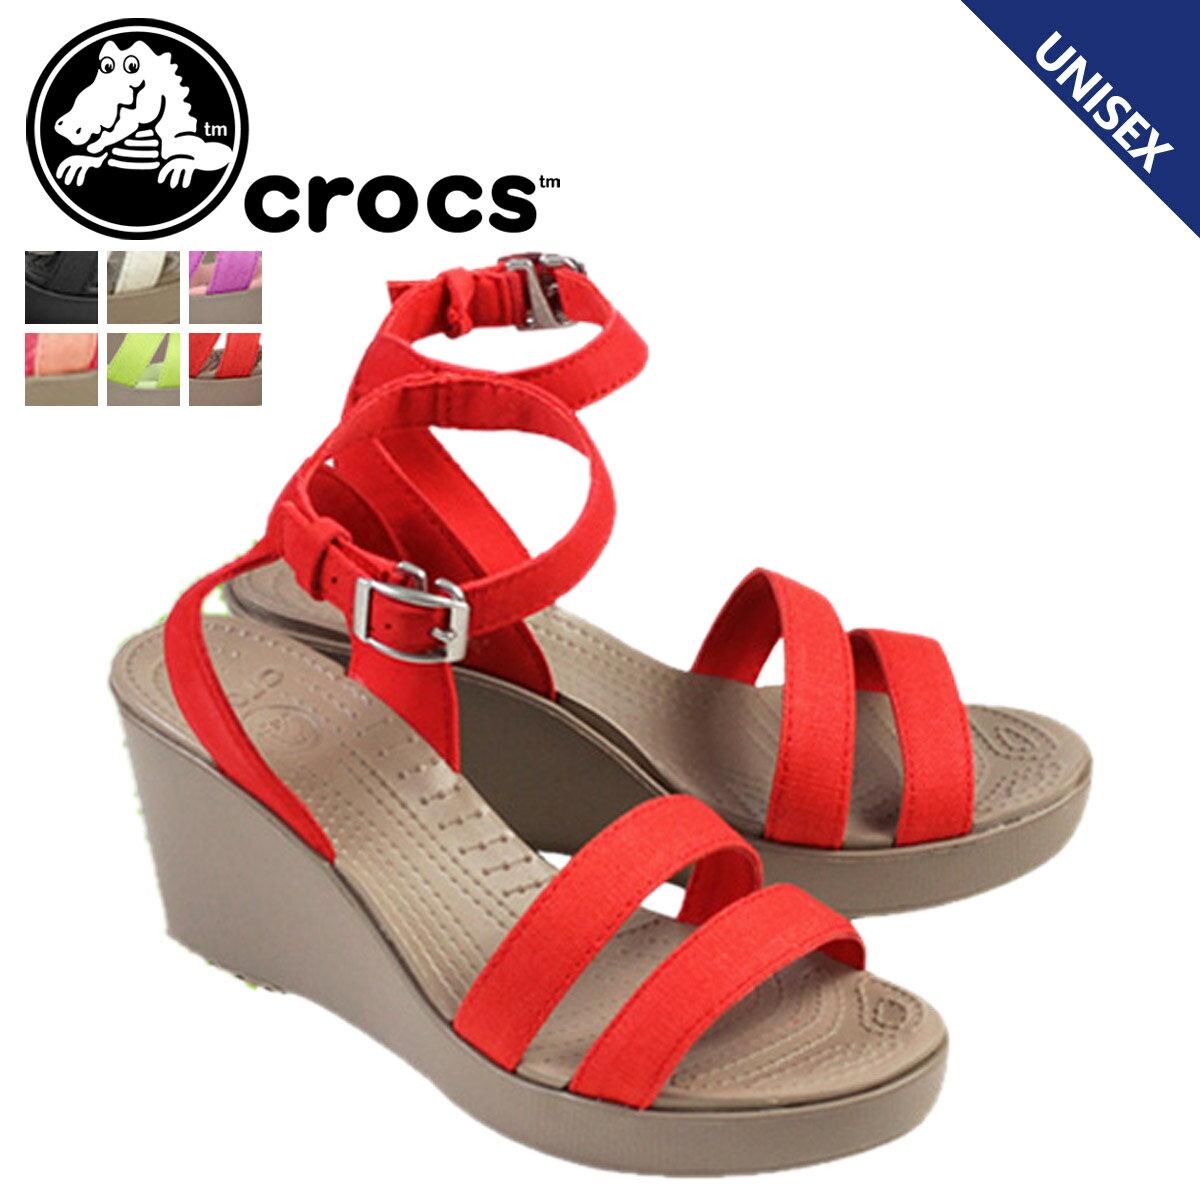 crocs クロックス レディース レイ ウェッジ サンダル WOMEN'S LEIGH WEDGE クロスライト ウェッジソール ヒール 11382 6カラー アウトドア